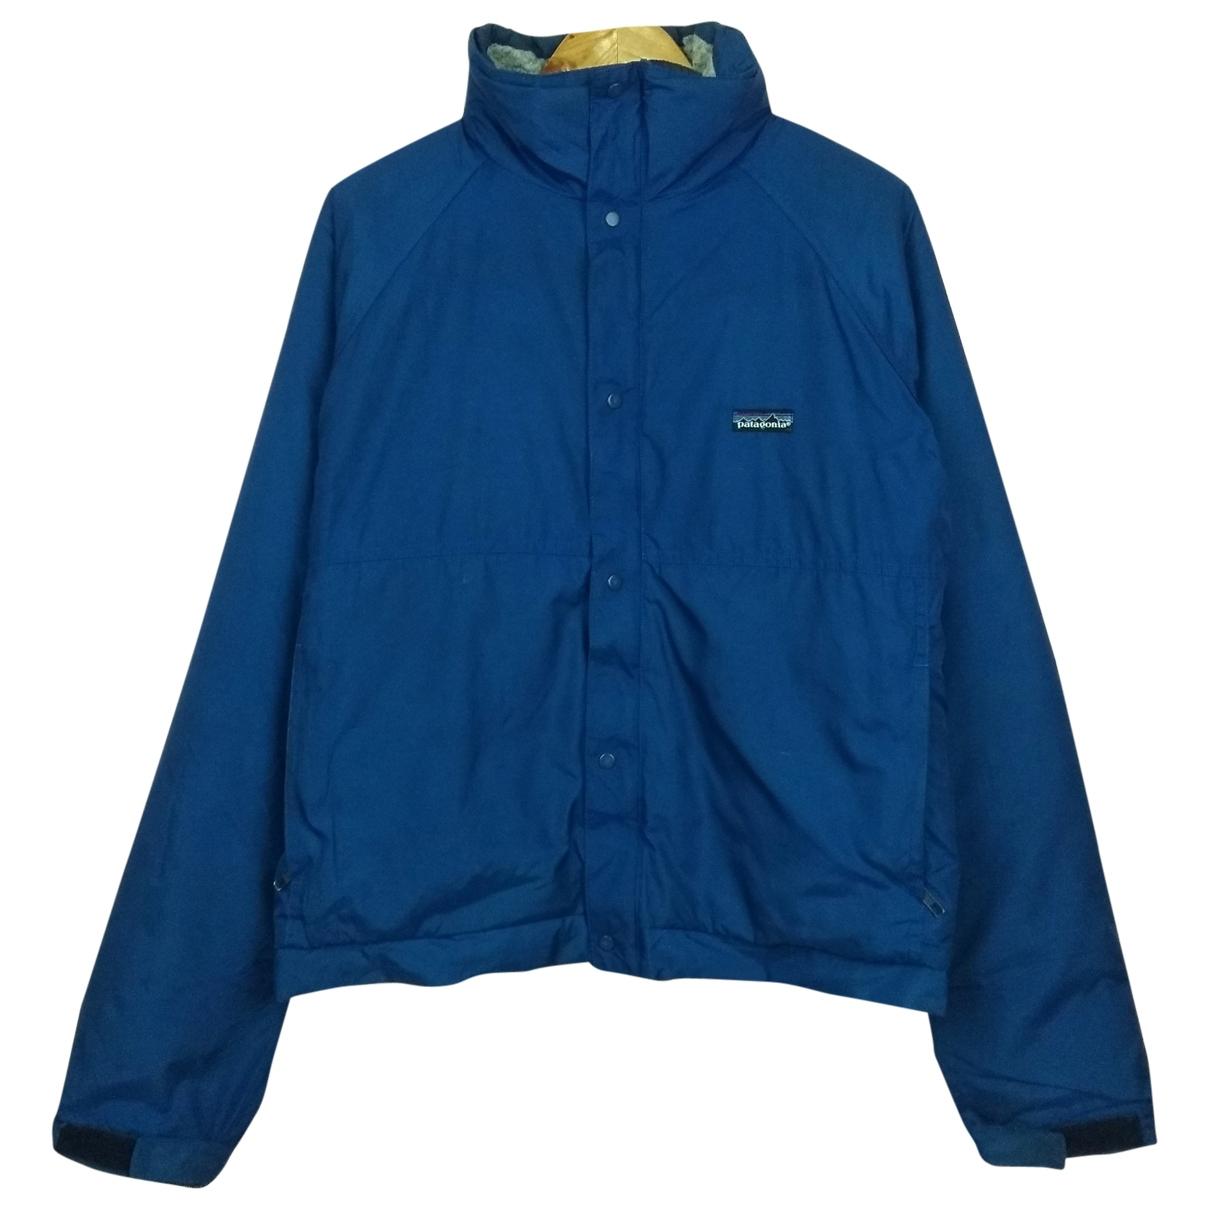 Patagonia \N Blue jacket  for Men M International